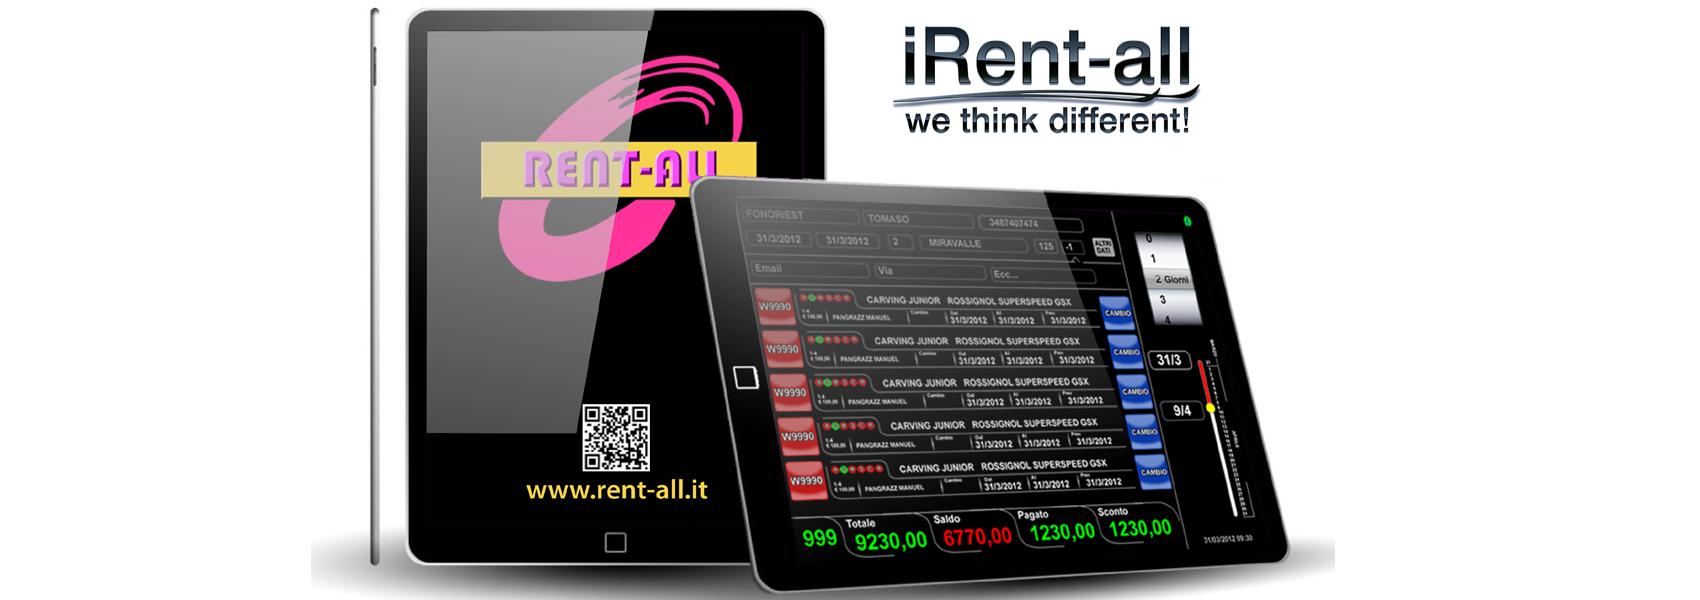 ipad con visualizzata una schermata di iRent-all